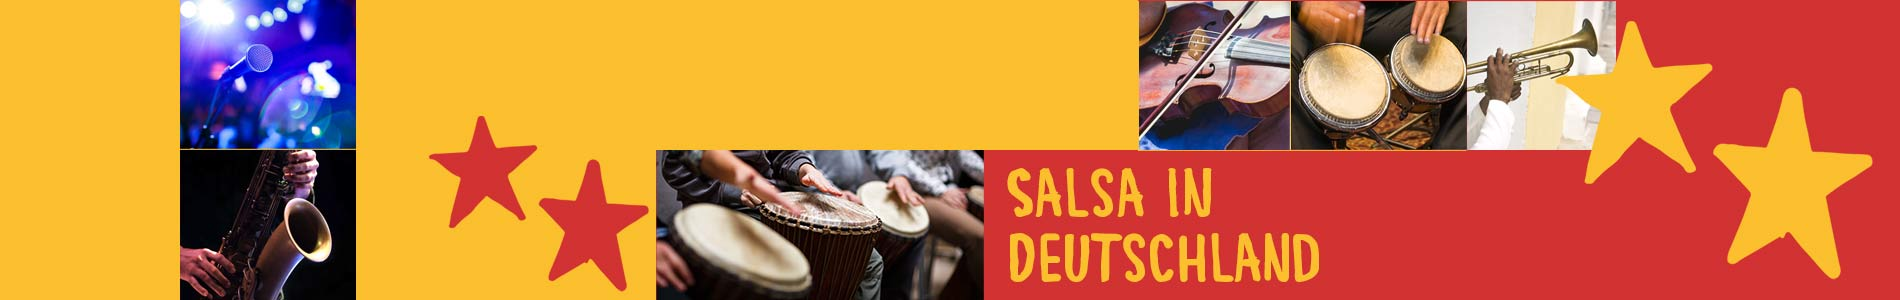 Salsa in Bufleben – Salsa lernen und tanzen, Tanzkurse, Partys, Veranstaltungen